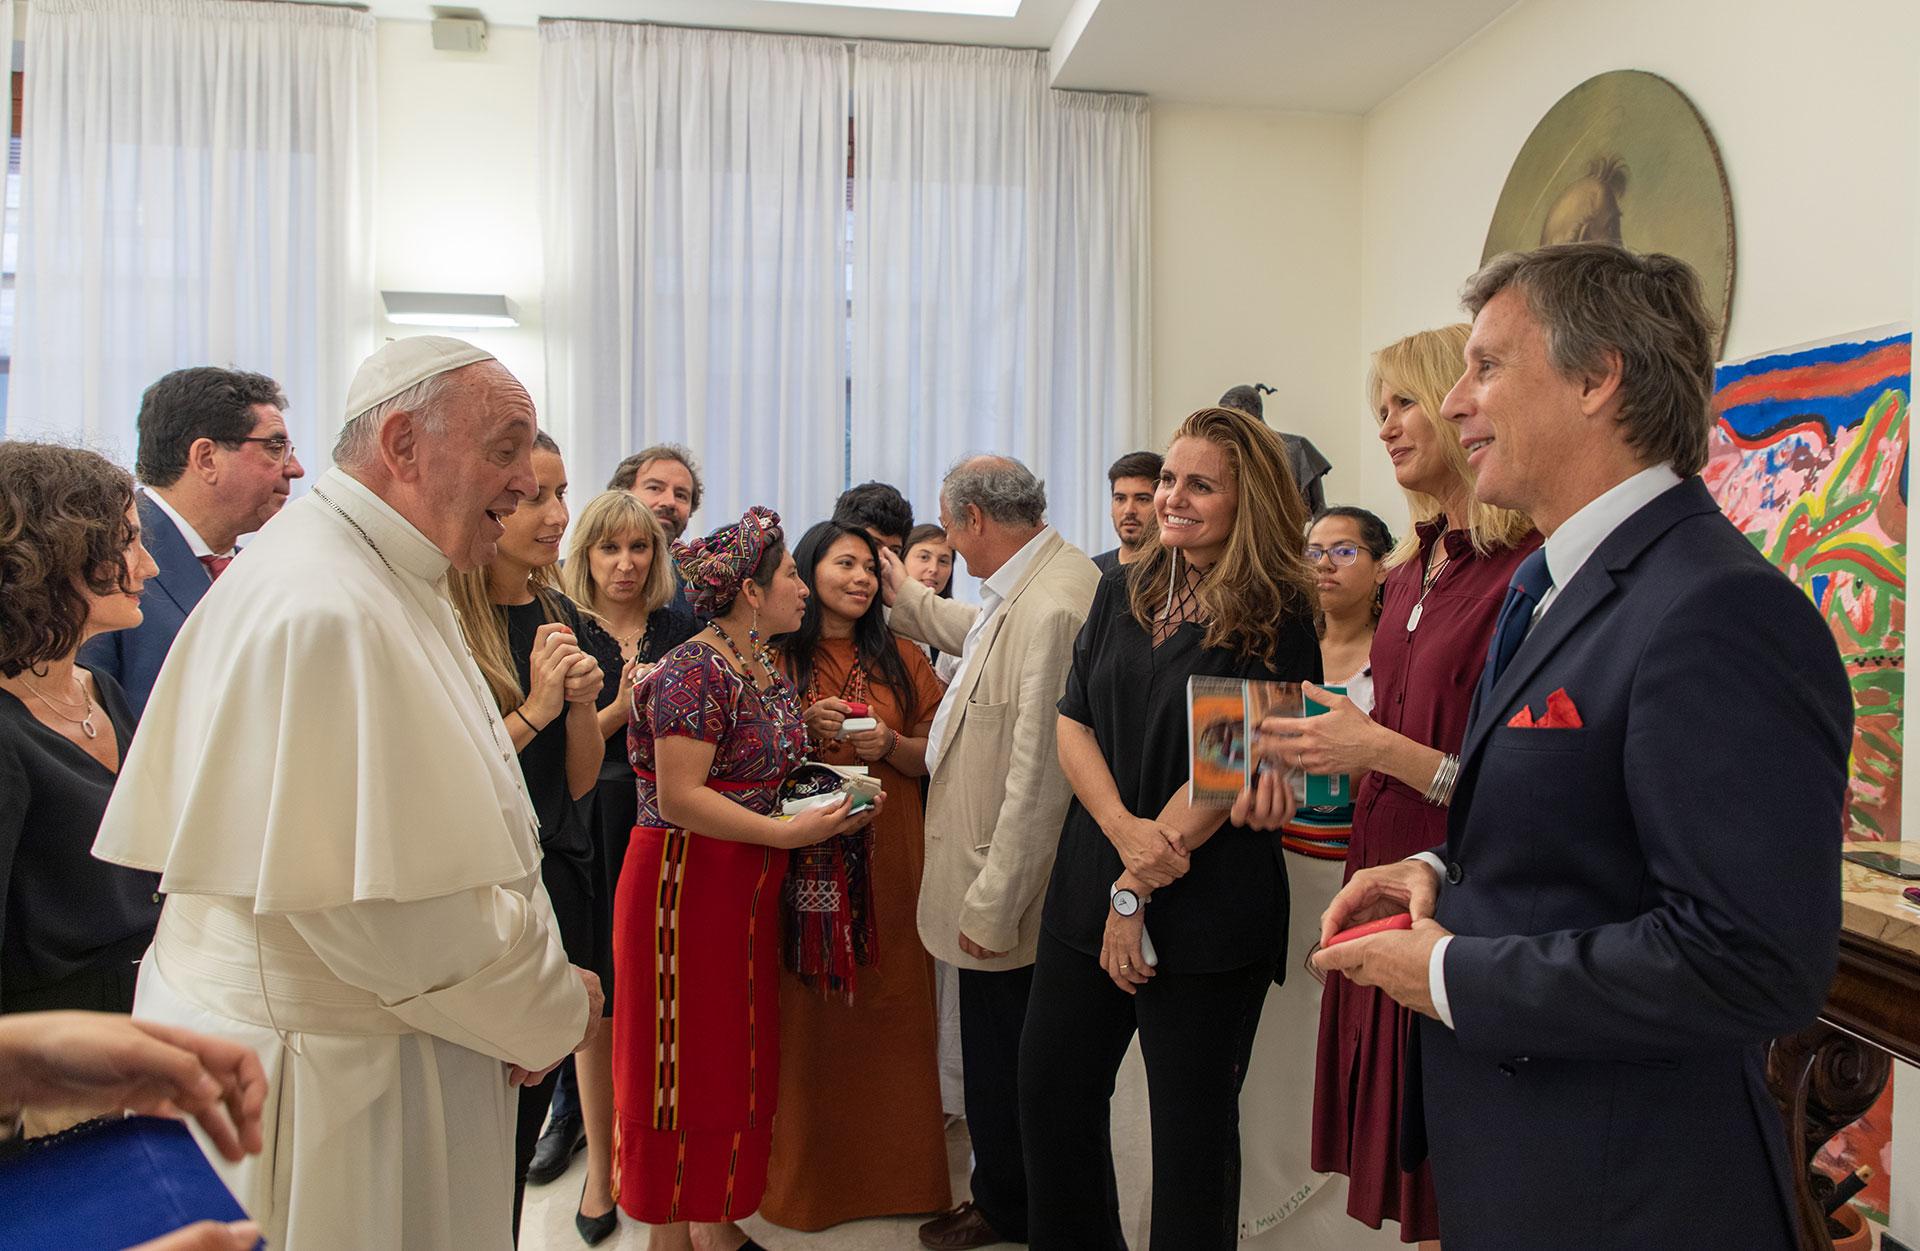 La modelo condujo el Concierto por la Paz, un evento a beneficio de la fundación Scholas Occurrentes. En la previa habló e intercambio obsequios con Francisco